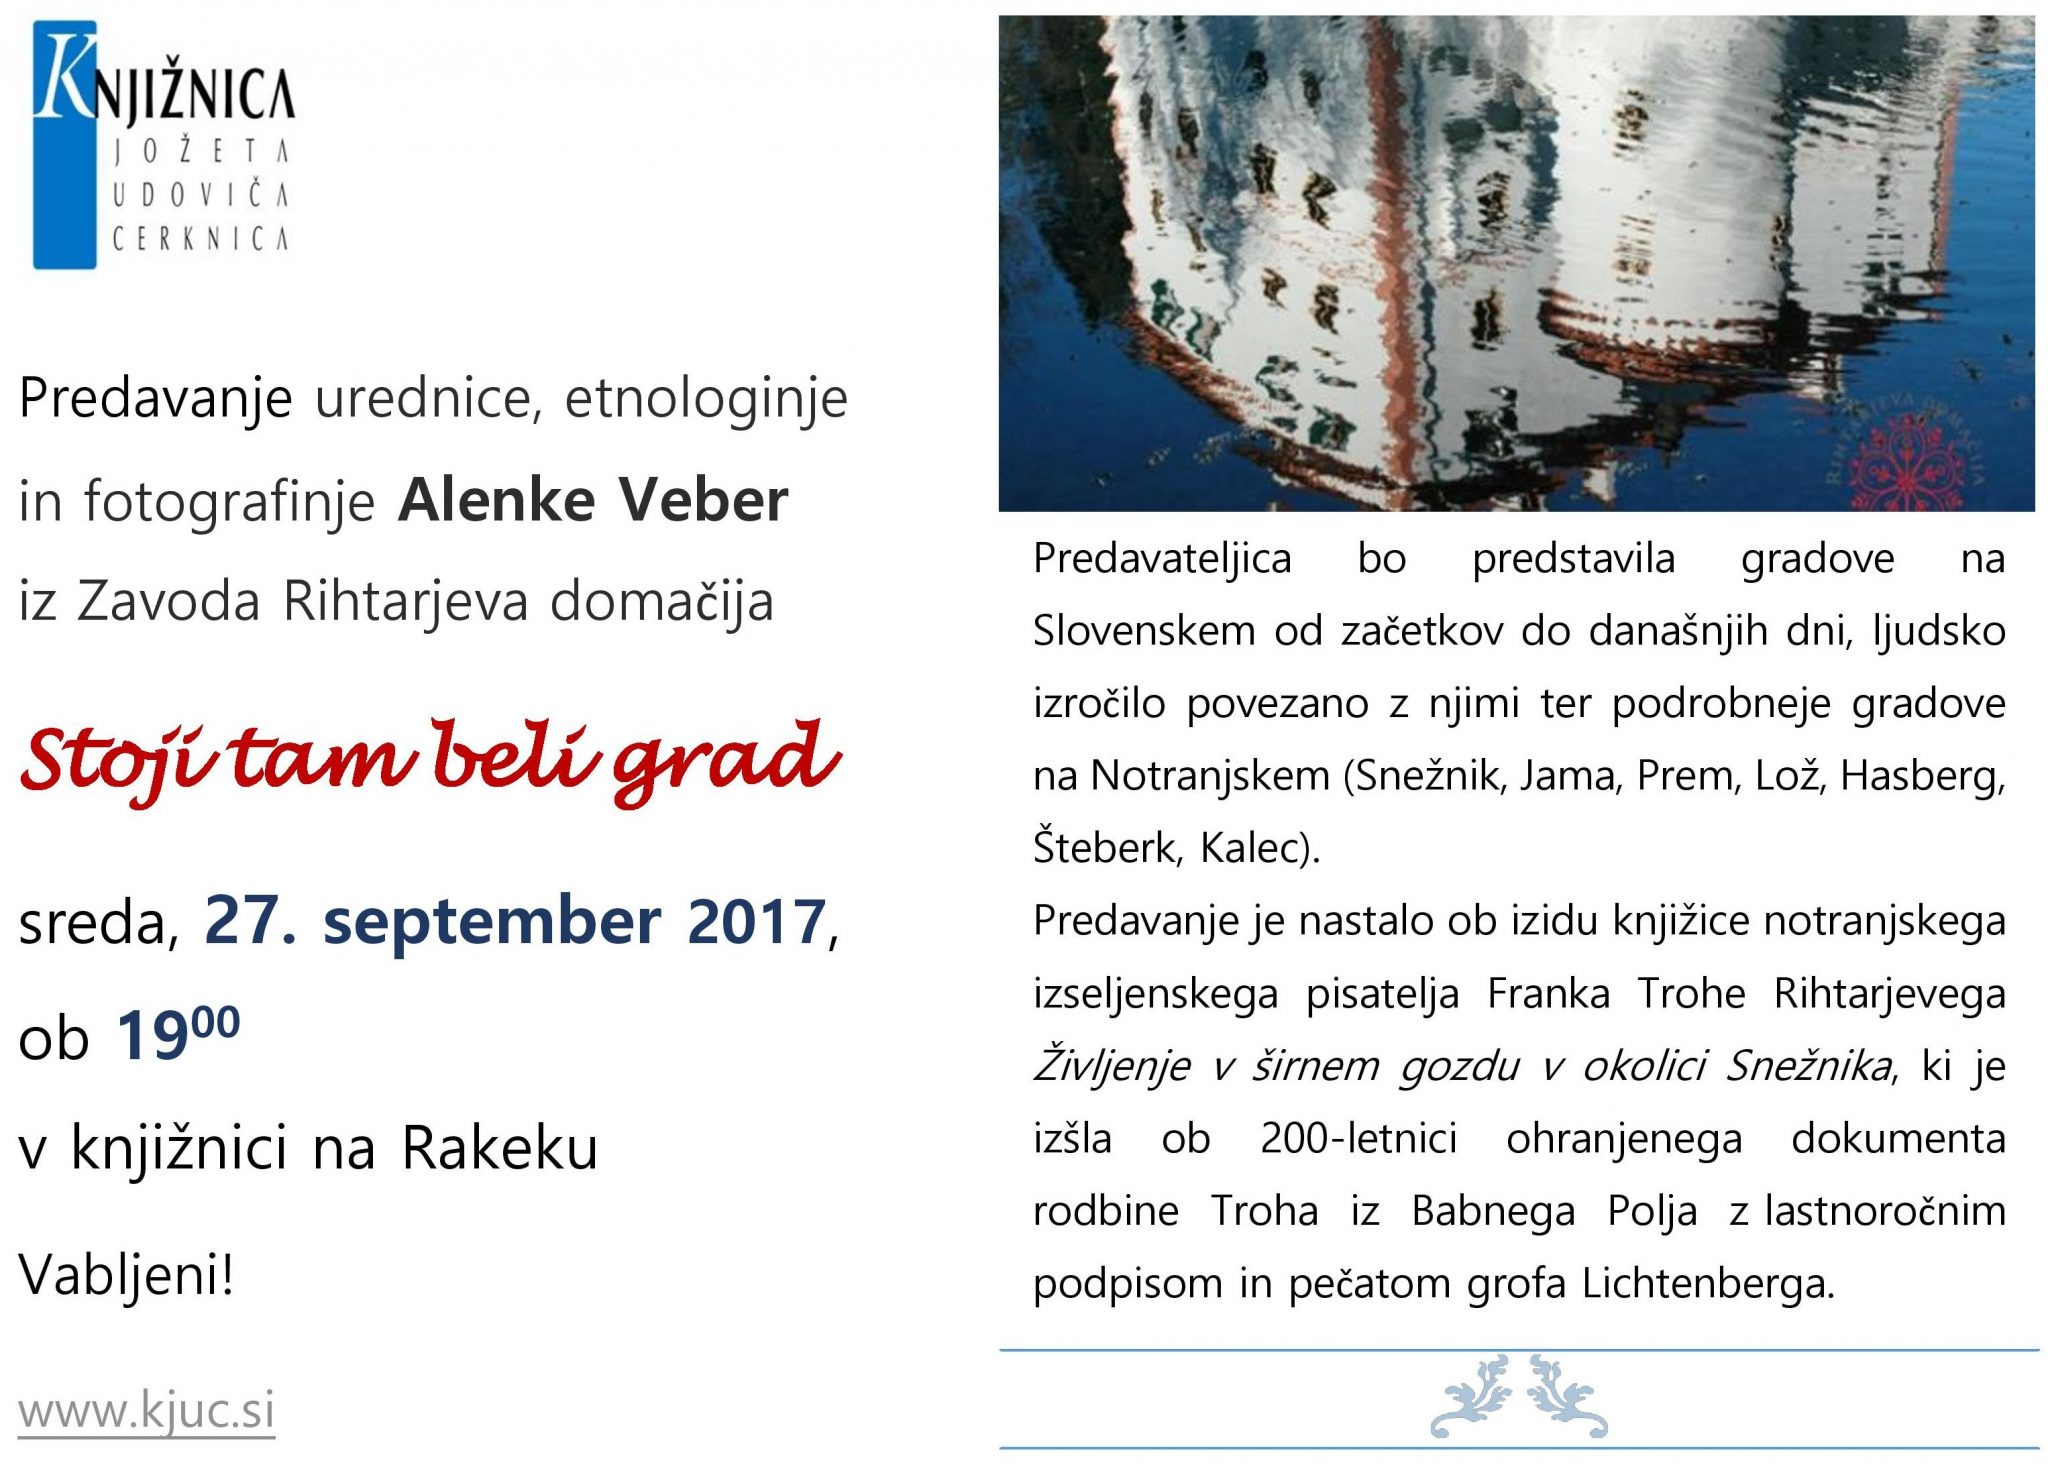 cover 2 - Alenka Veber: Stoji tam beli grad - predavanje